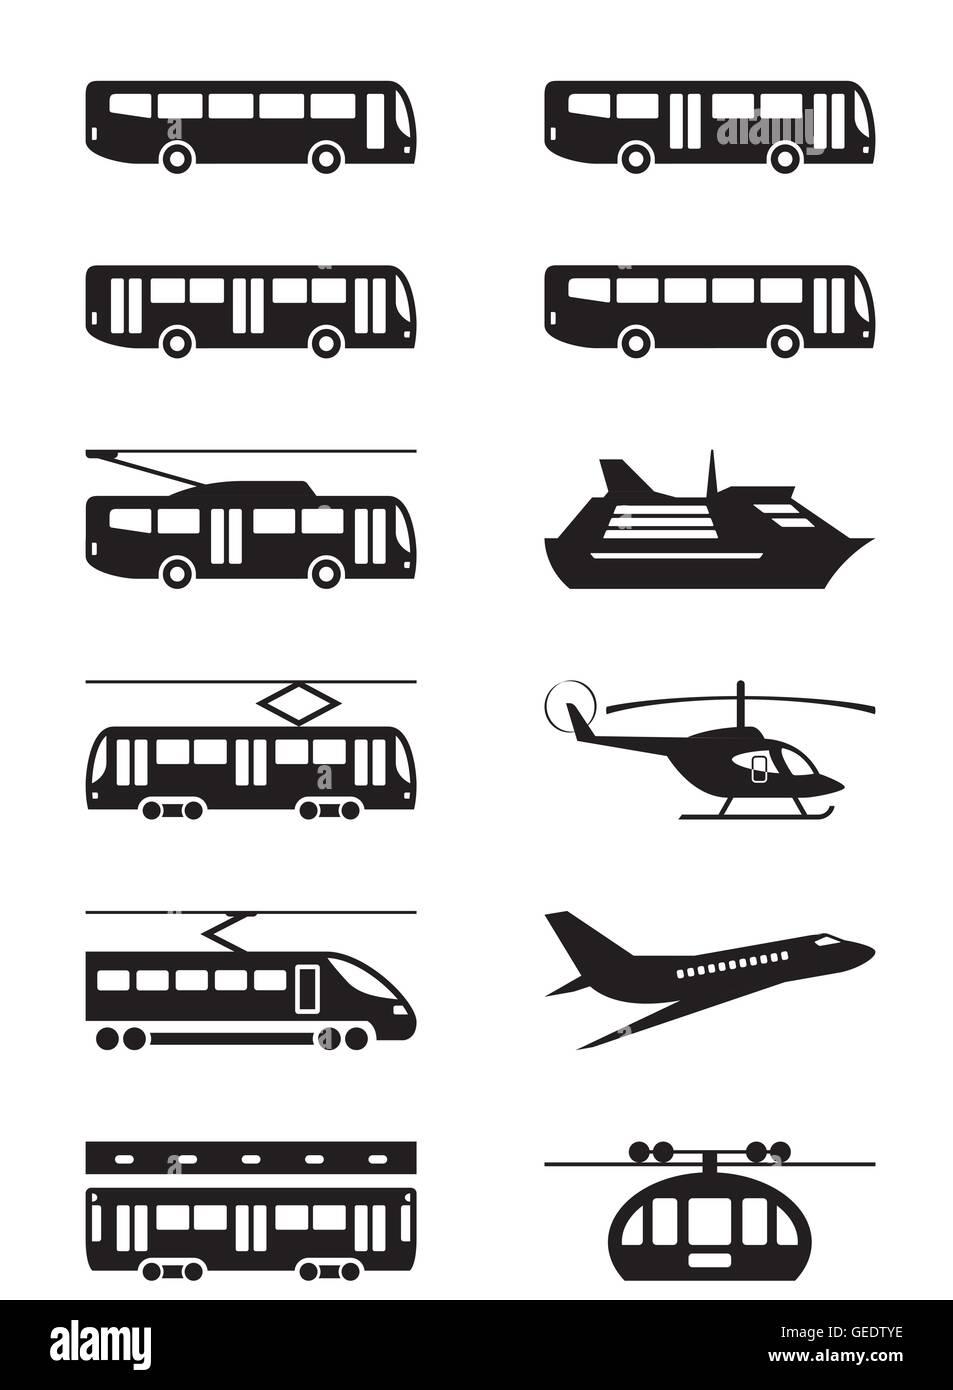 Los vehículos de transporte de pasajeros - ilustración vectorial Imagen De Stock